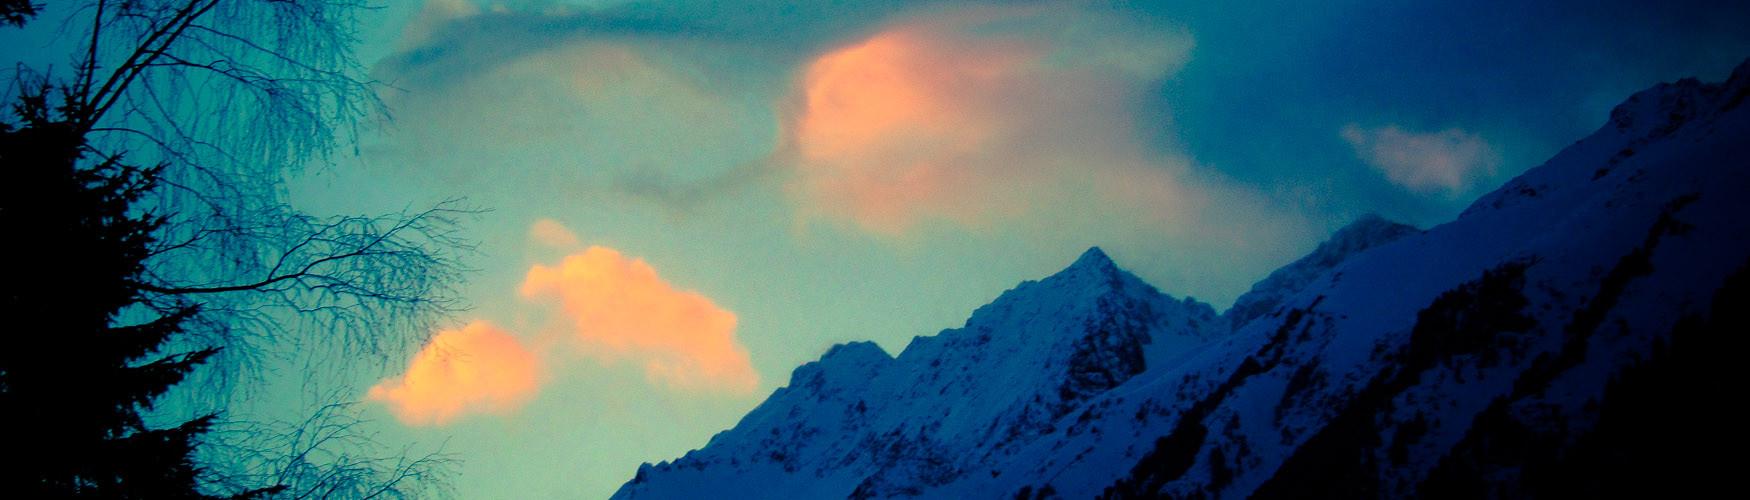 Eisklettern Bergführere, Tirol Eisklettern Bergführer, Tirol Eisklettern